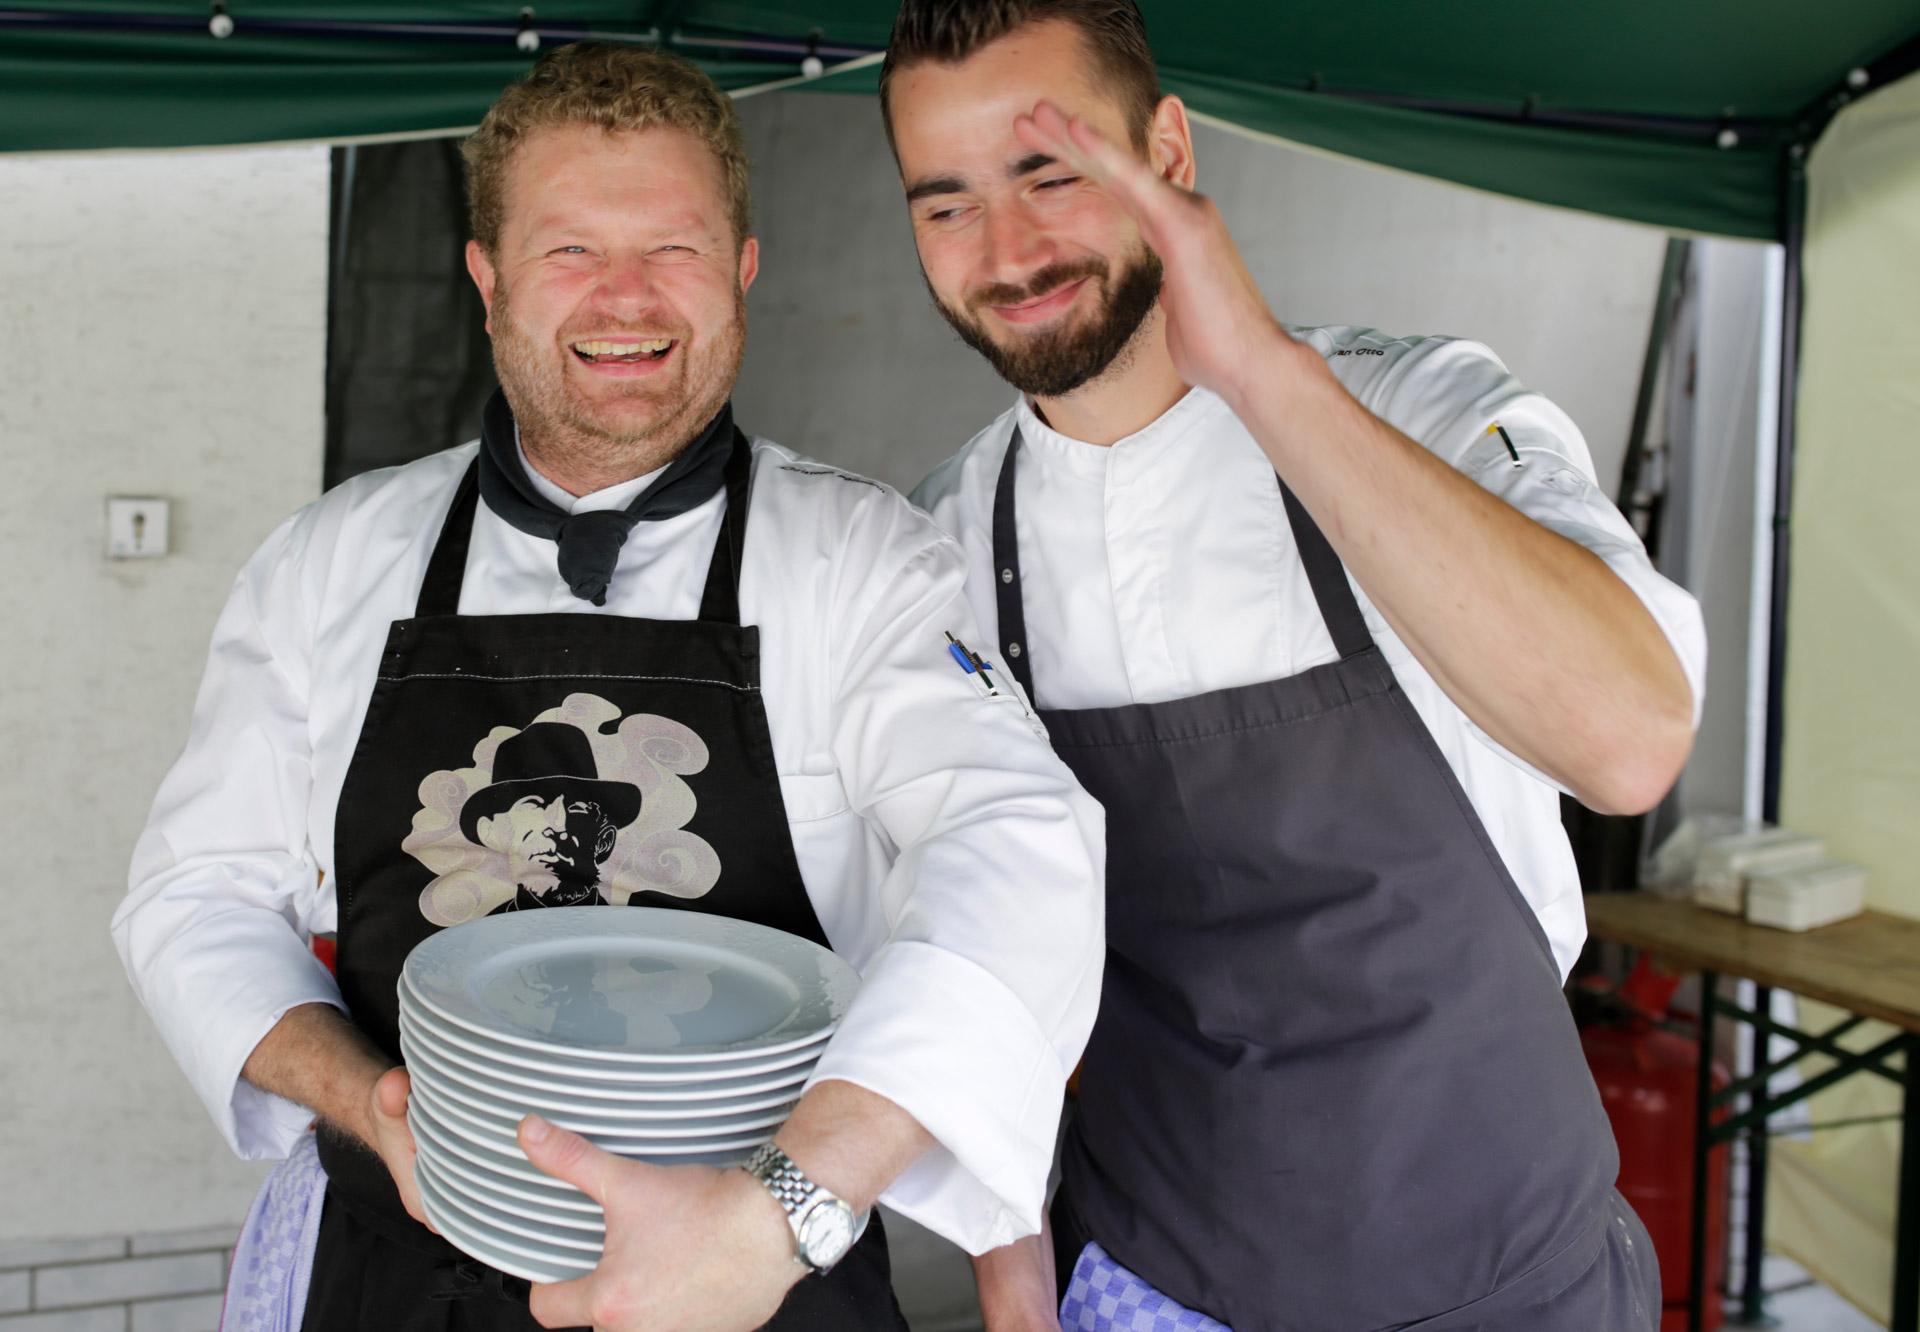 """Sommerfest 2016 Spass mit den Köchen des Restaurants """"Antons"""" aus dem Hotel """"Diedrich"""" in Hallenberg"""